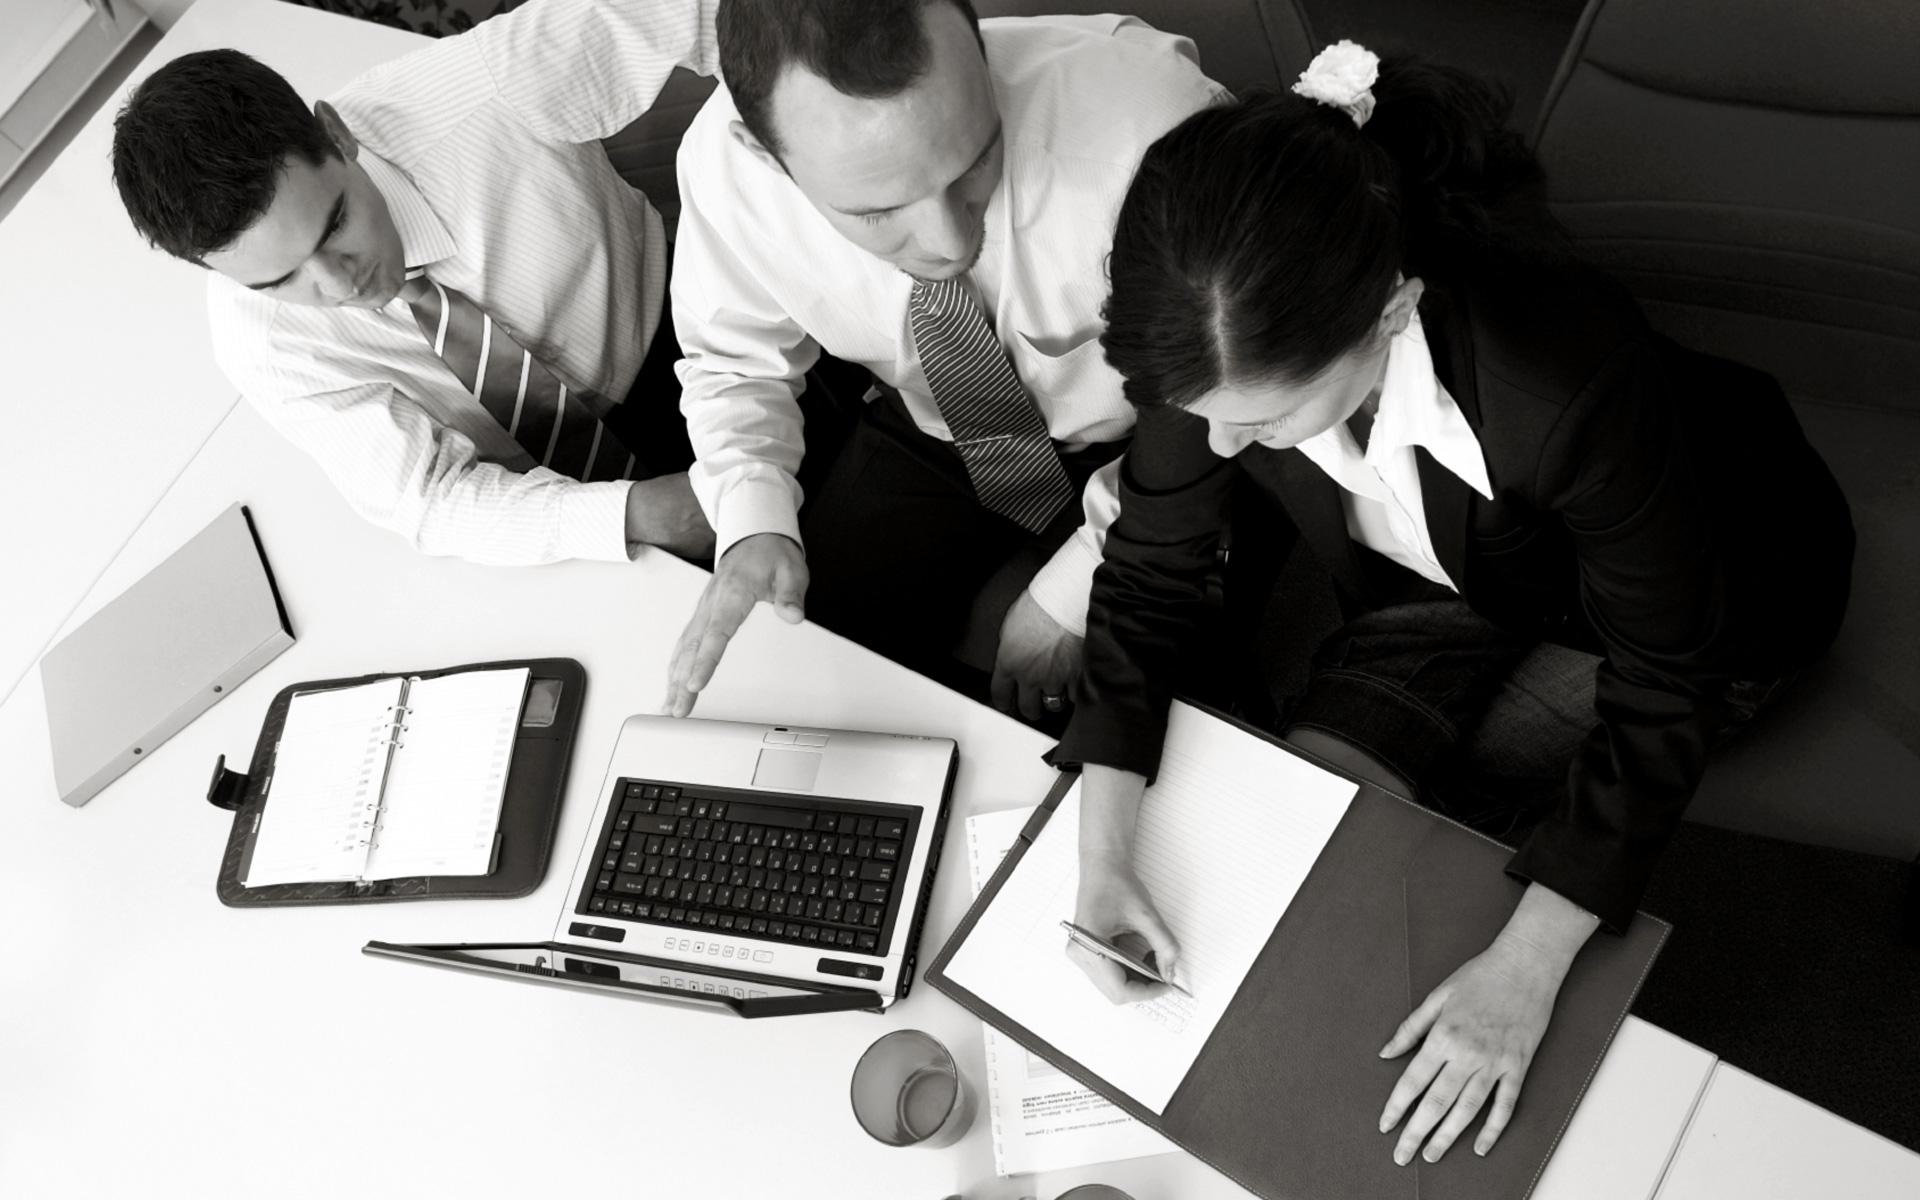 حسابداری در هتل و شرح وظایف واحد مالی